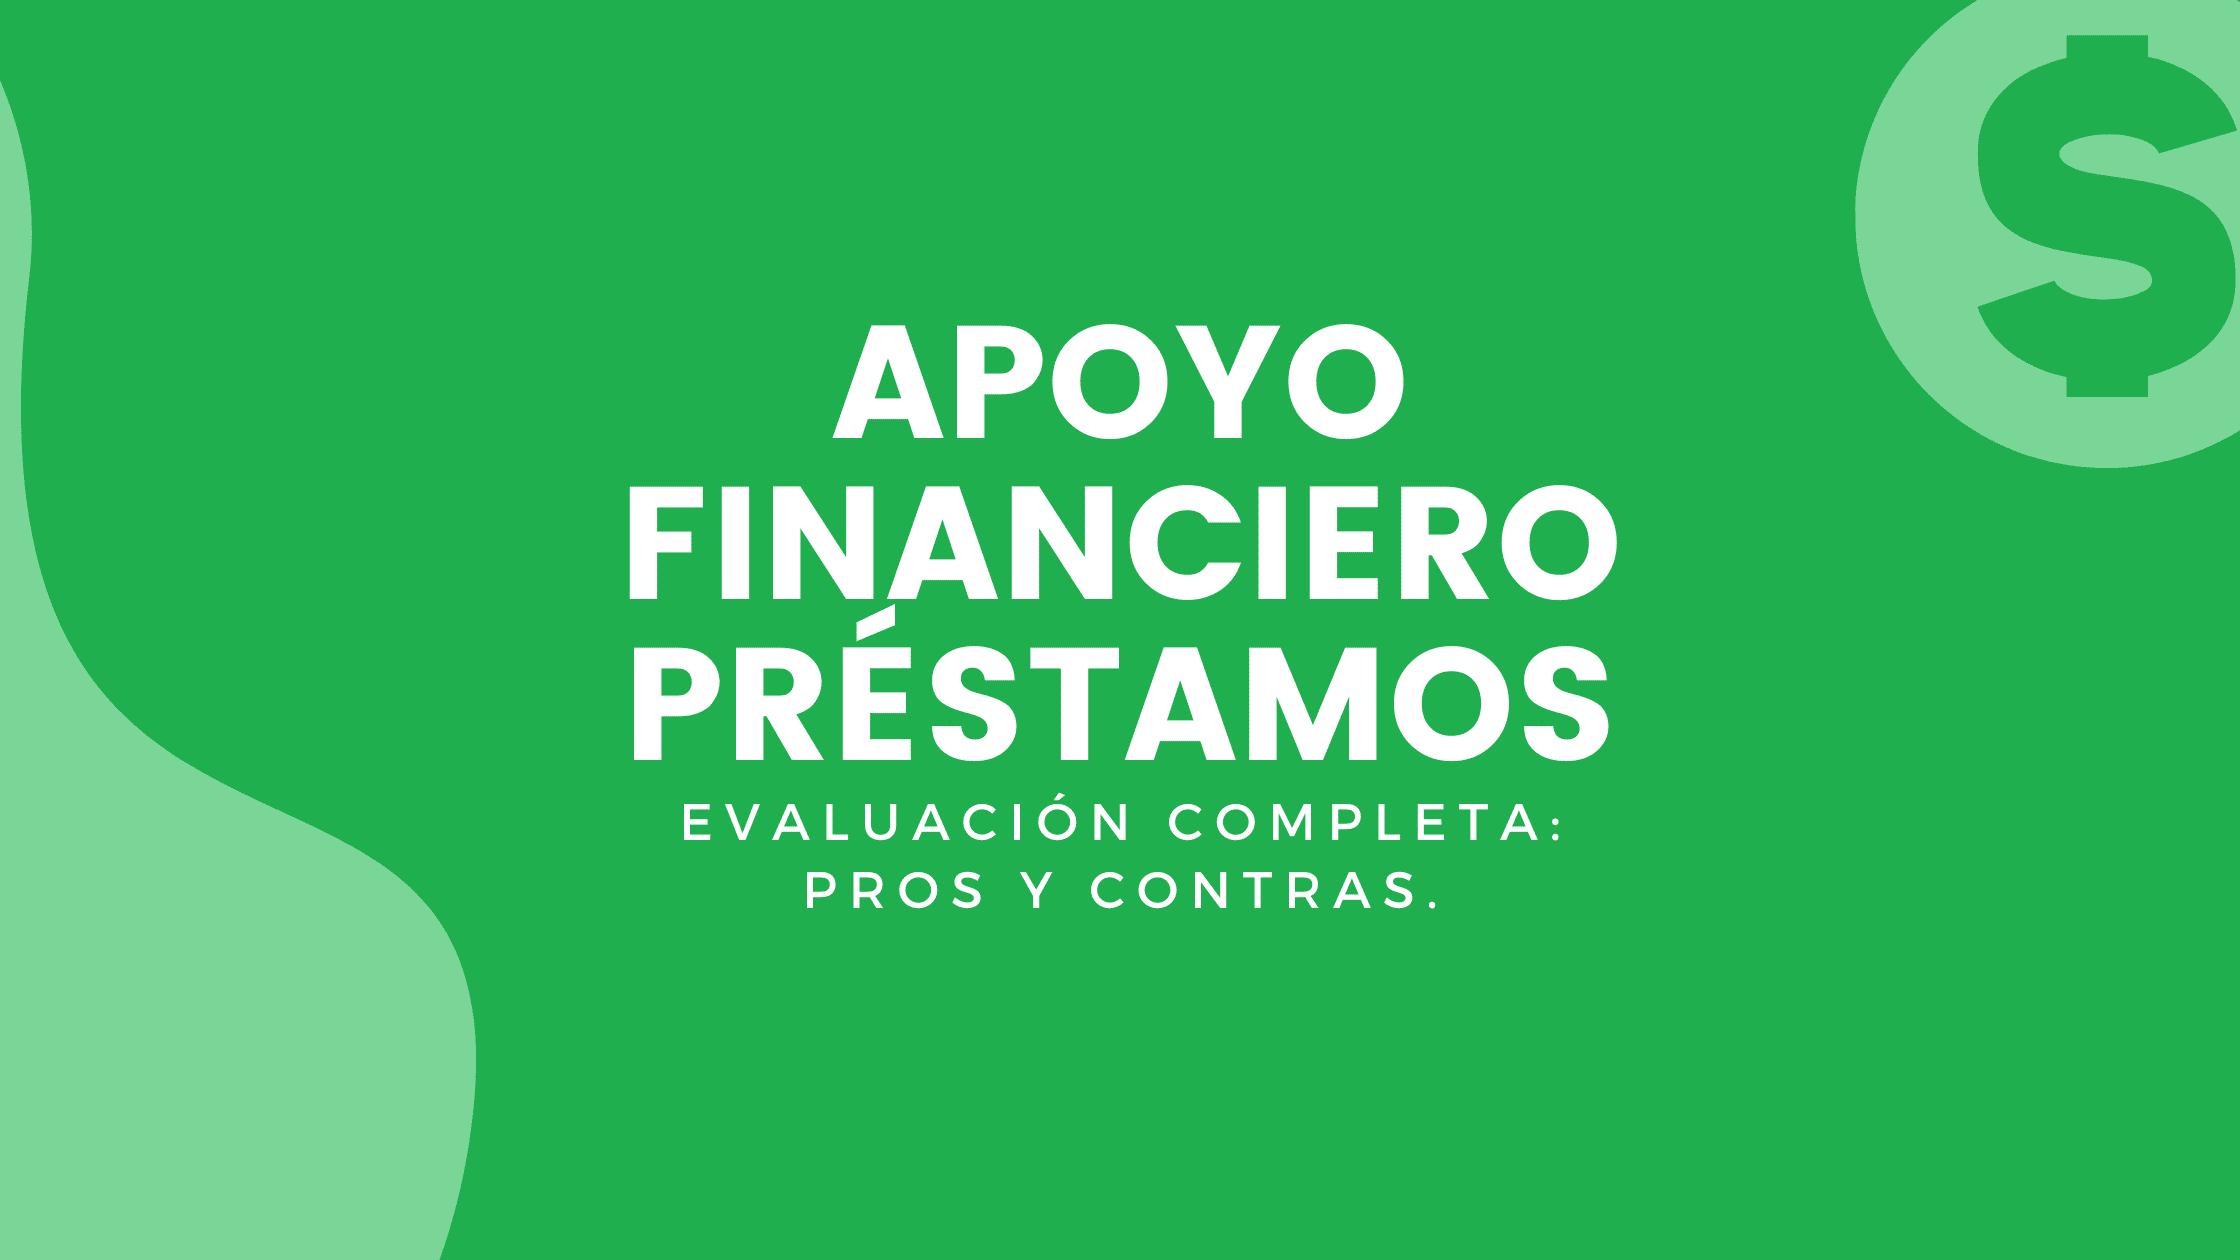 APOYO FINANCIERO PRÉSTAMOS